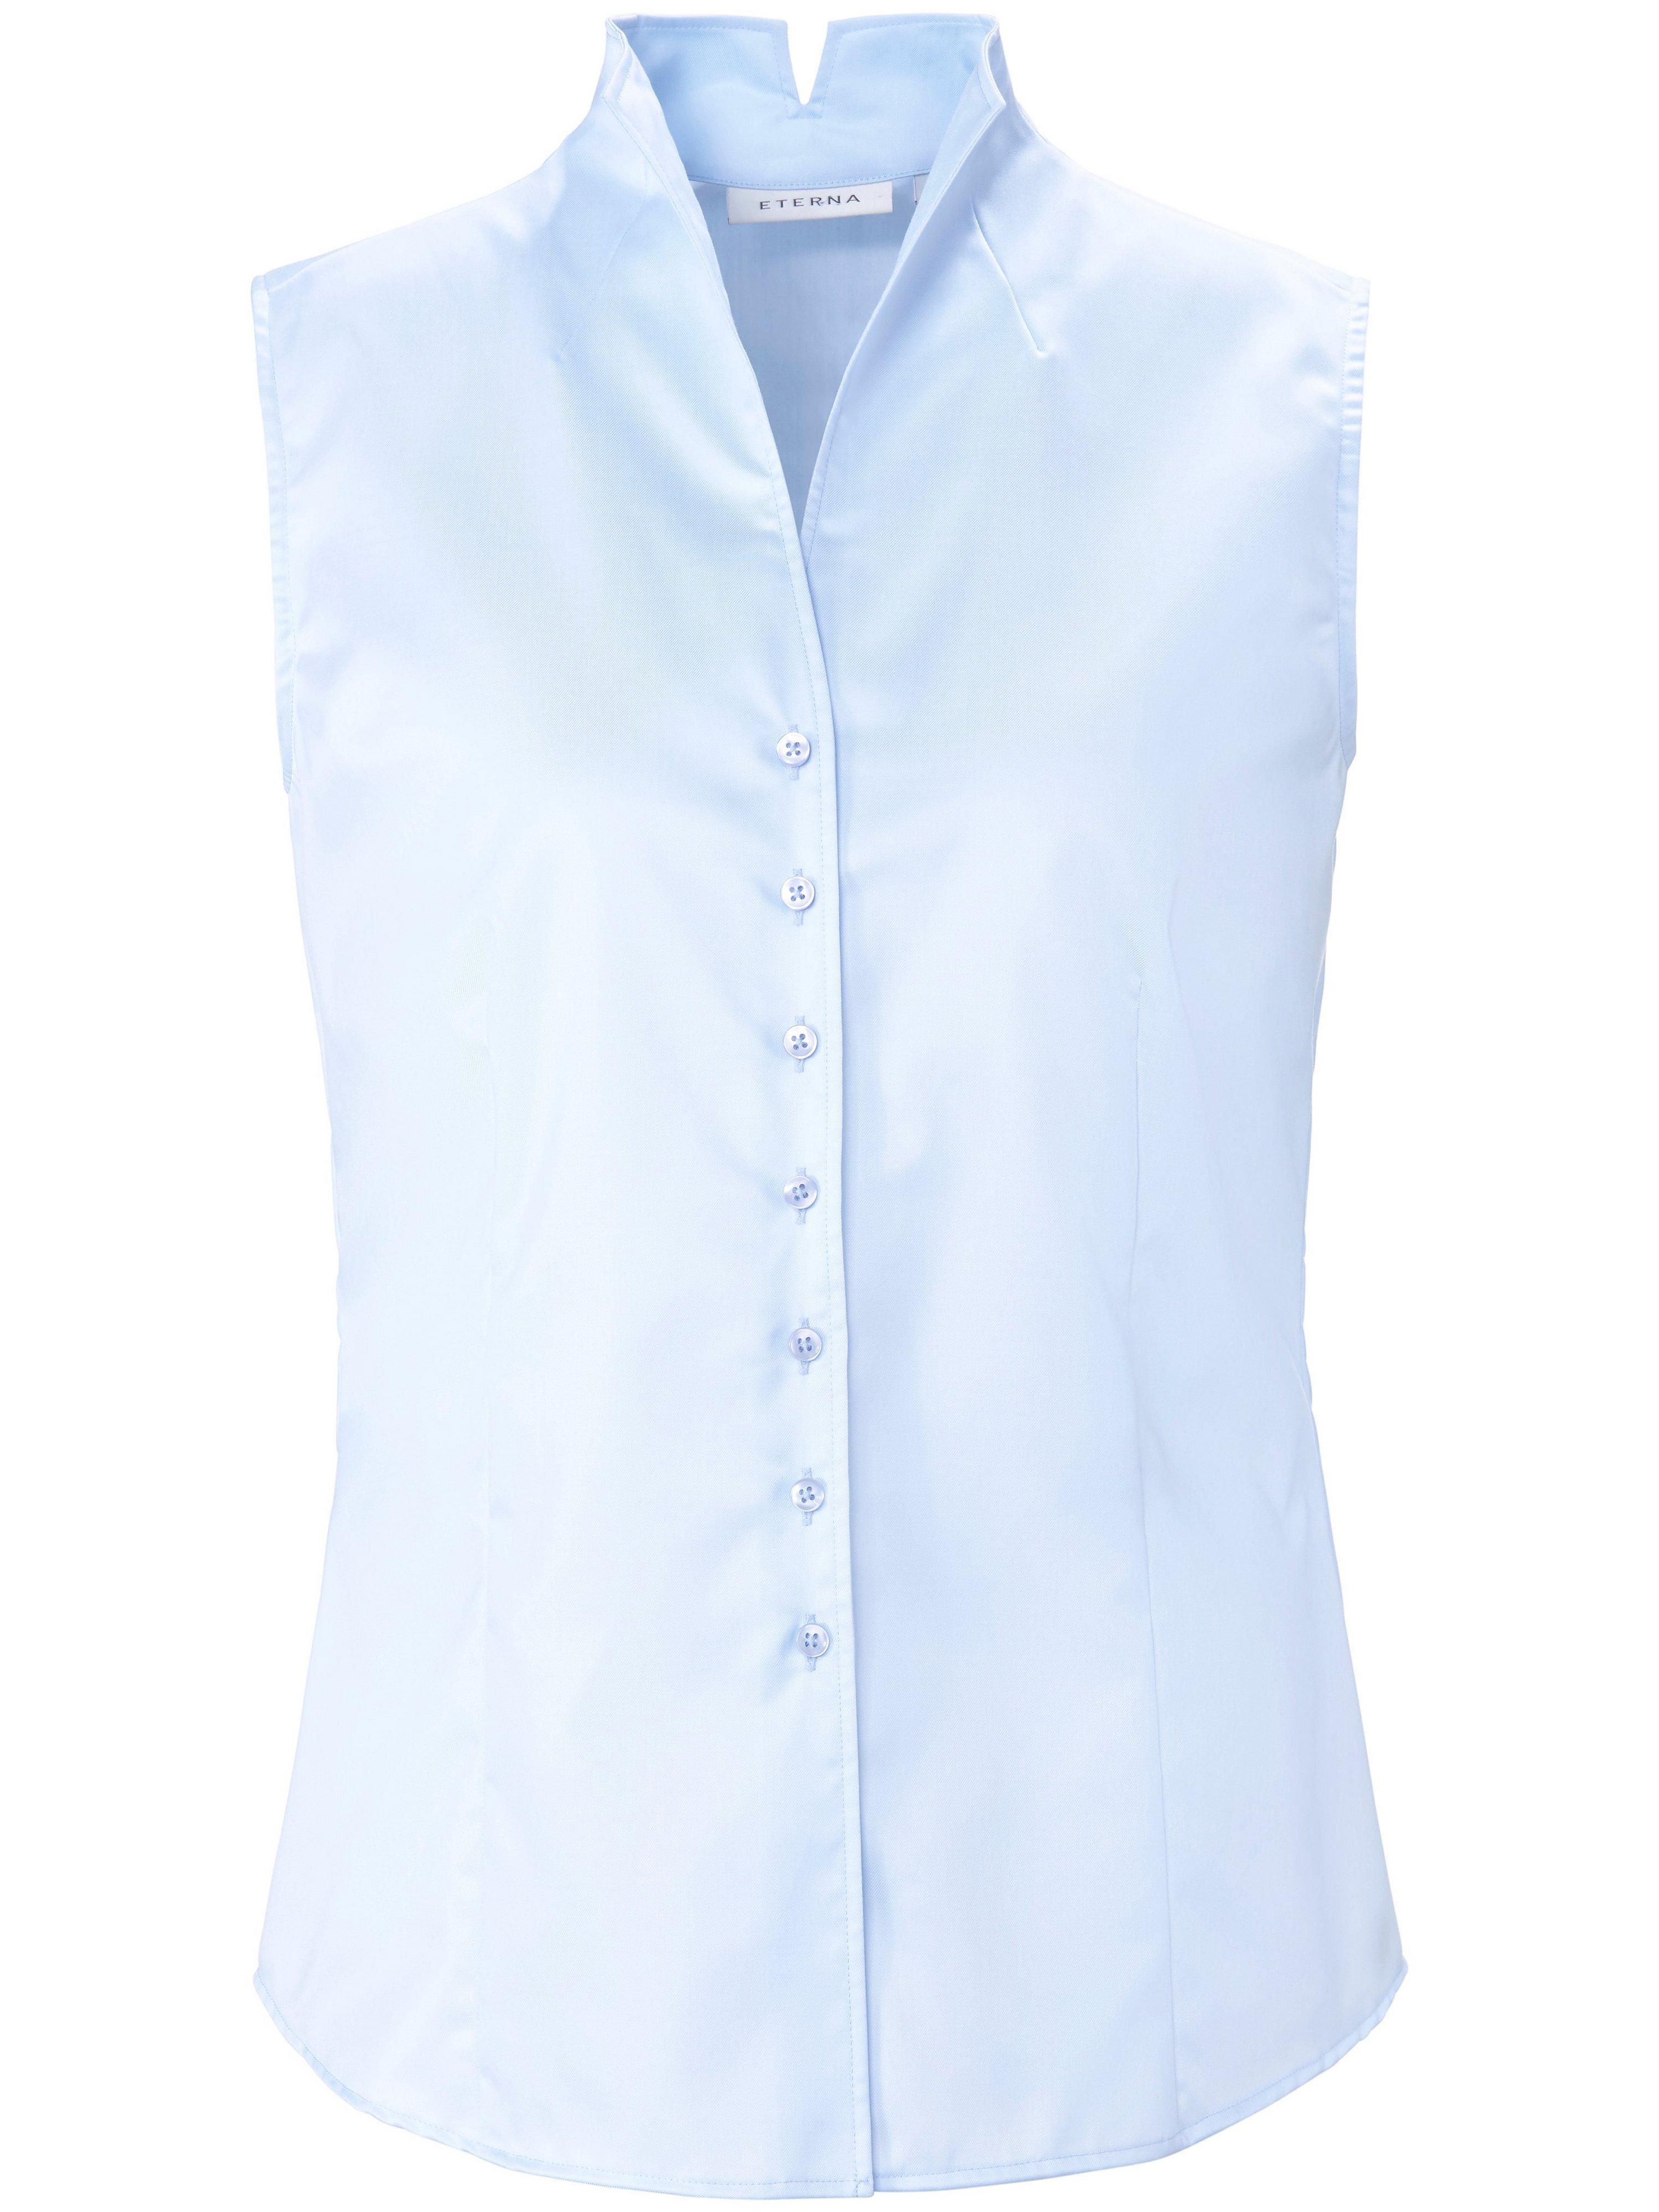 Mouwloze blouse 100% katoen Van Eterna blauw